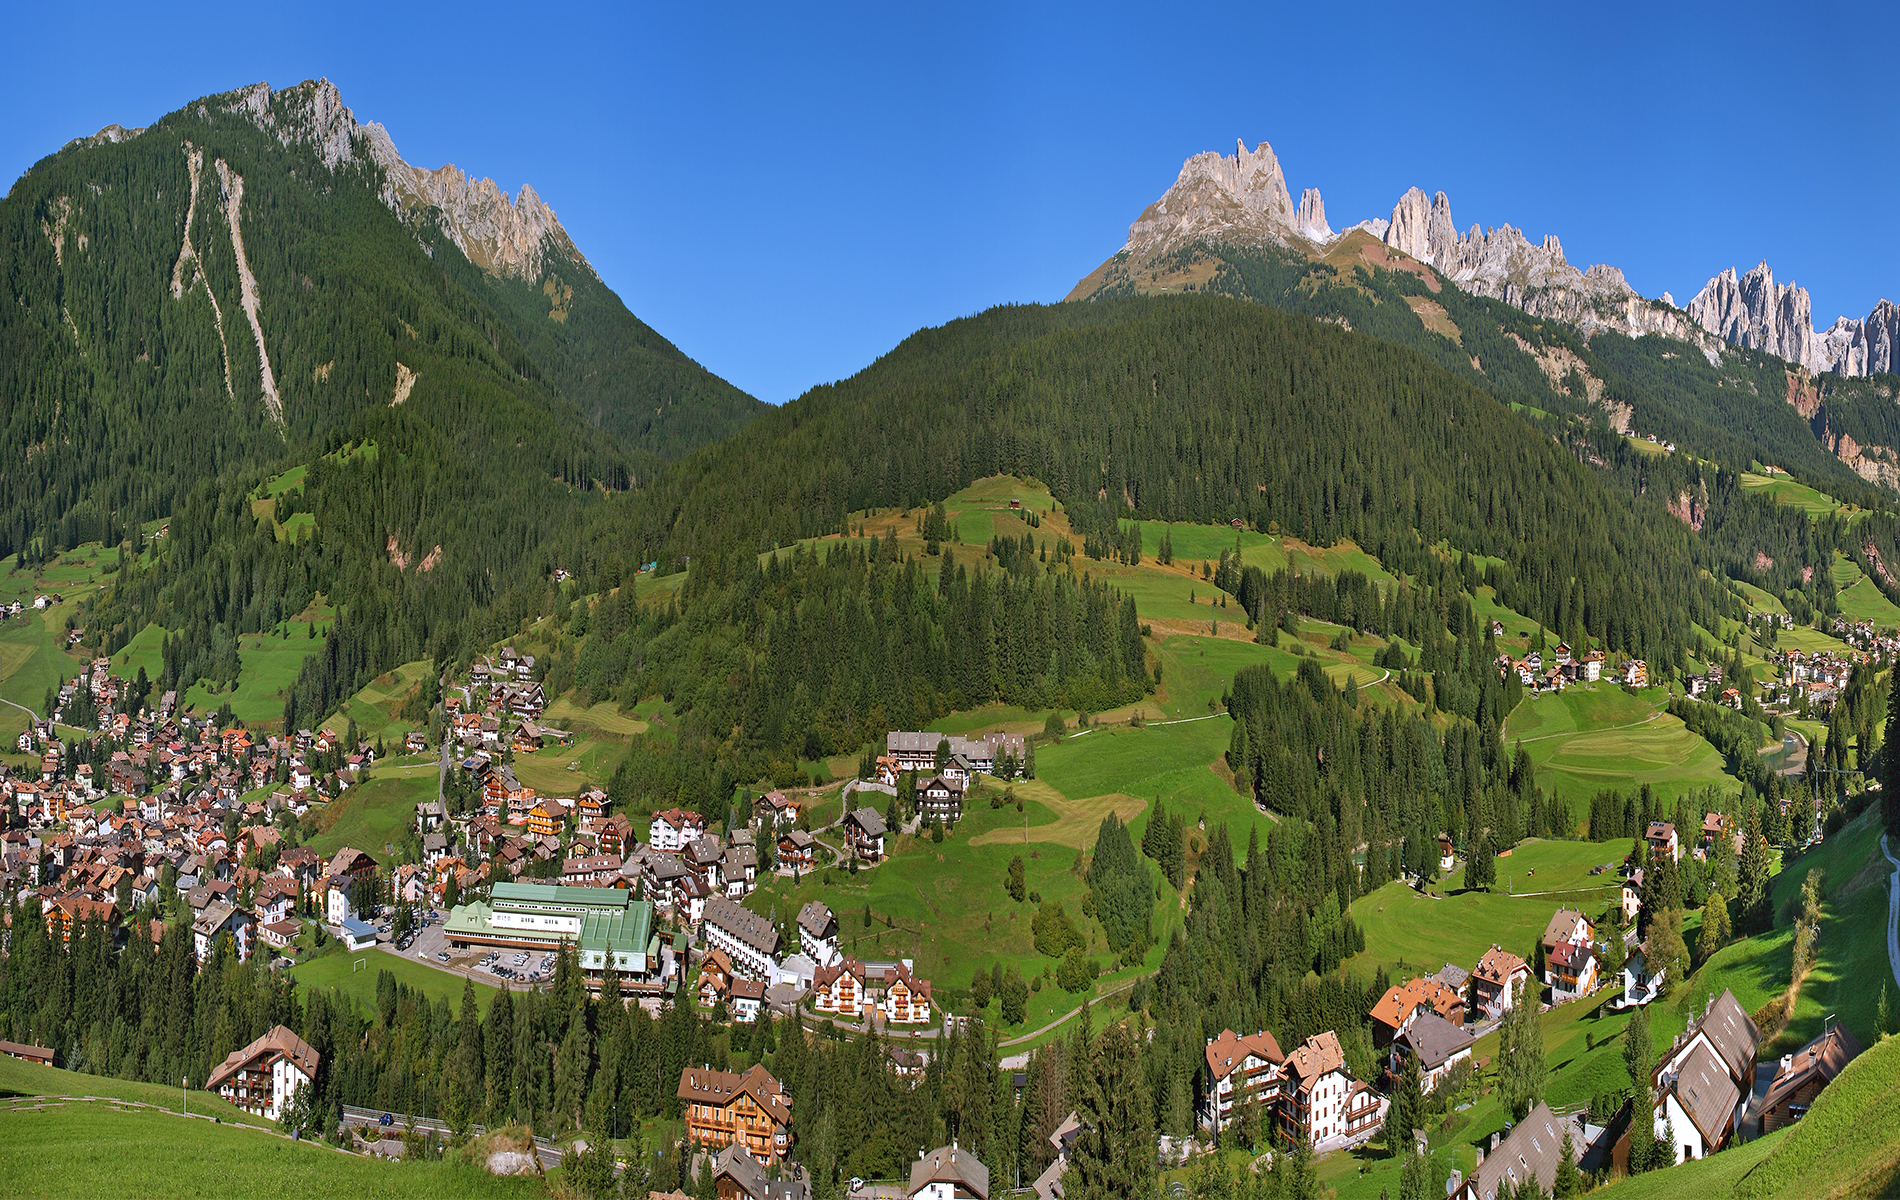 Unser 4-Sterne-Hotel in den Dolomiten: ein Juwel